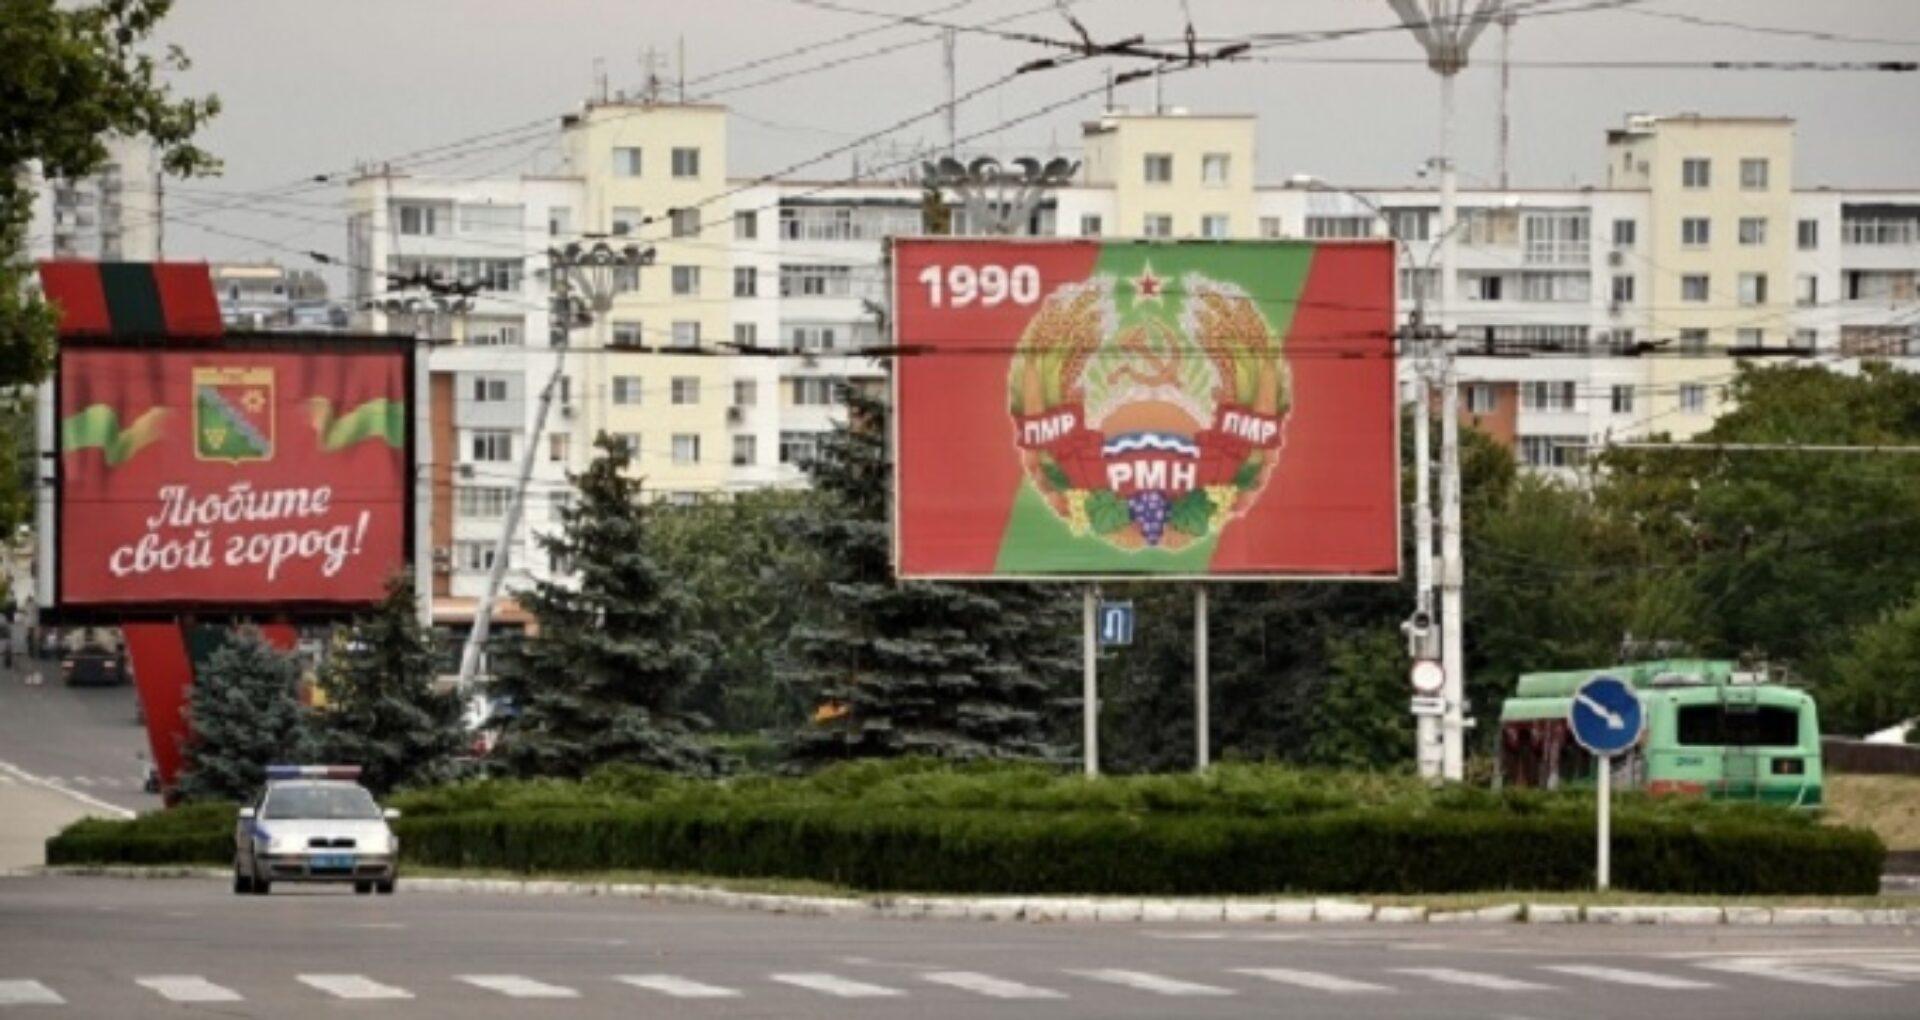 942 de doze de vaccin Pfizer vor fi repartizate marți în regiunea transnistreană